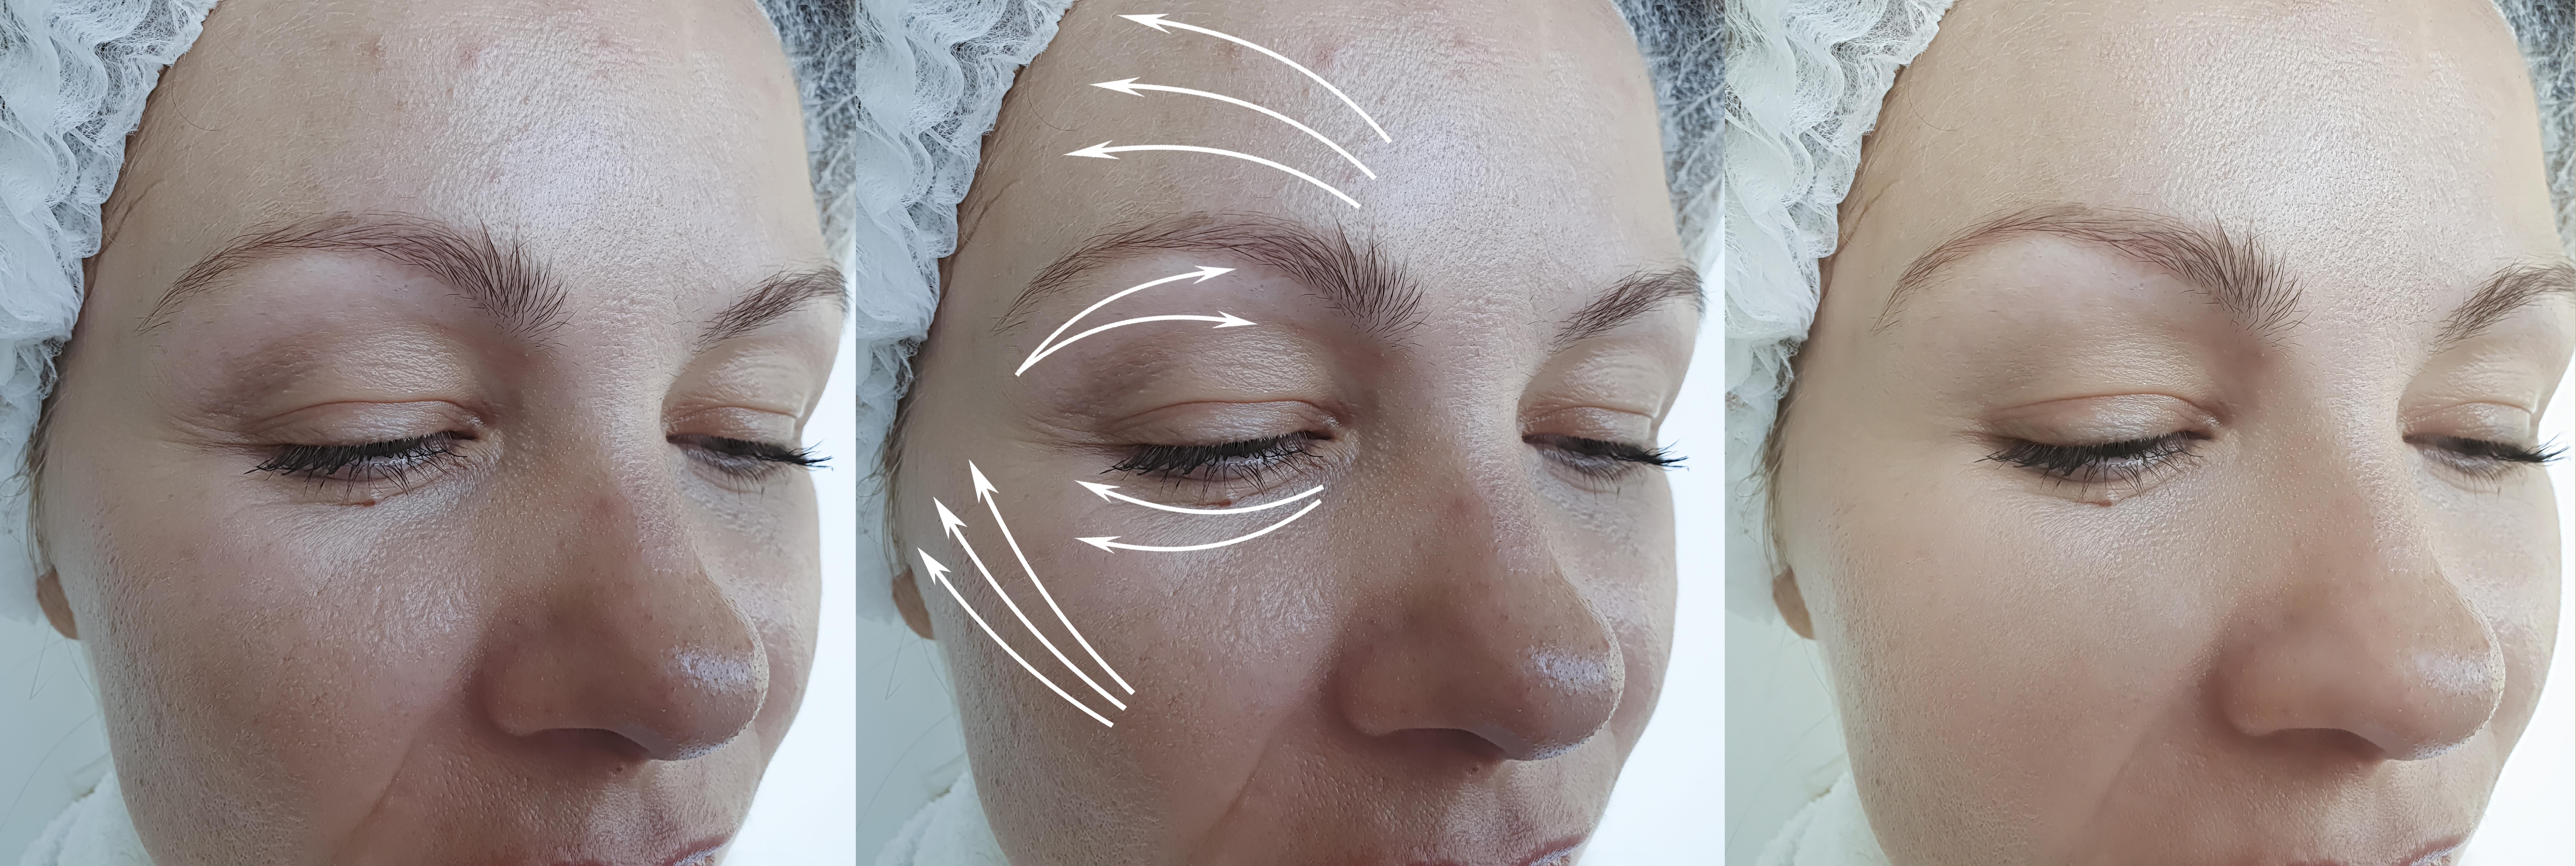 neuropeptide-growth-factor-wrinkle-serum.jpg